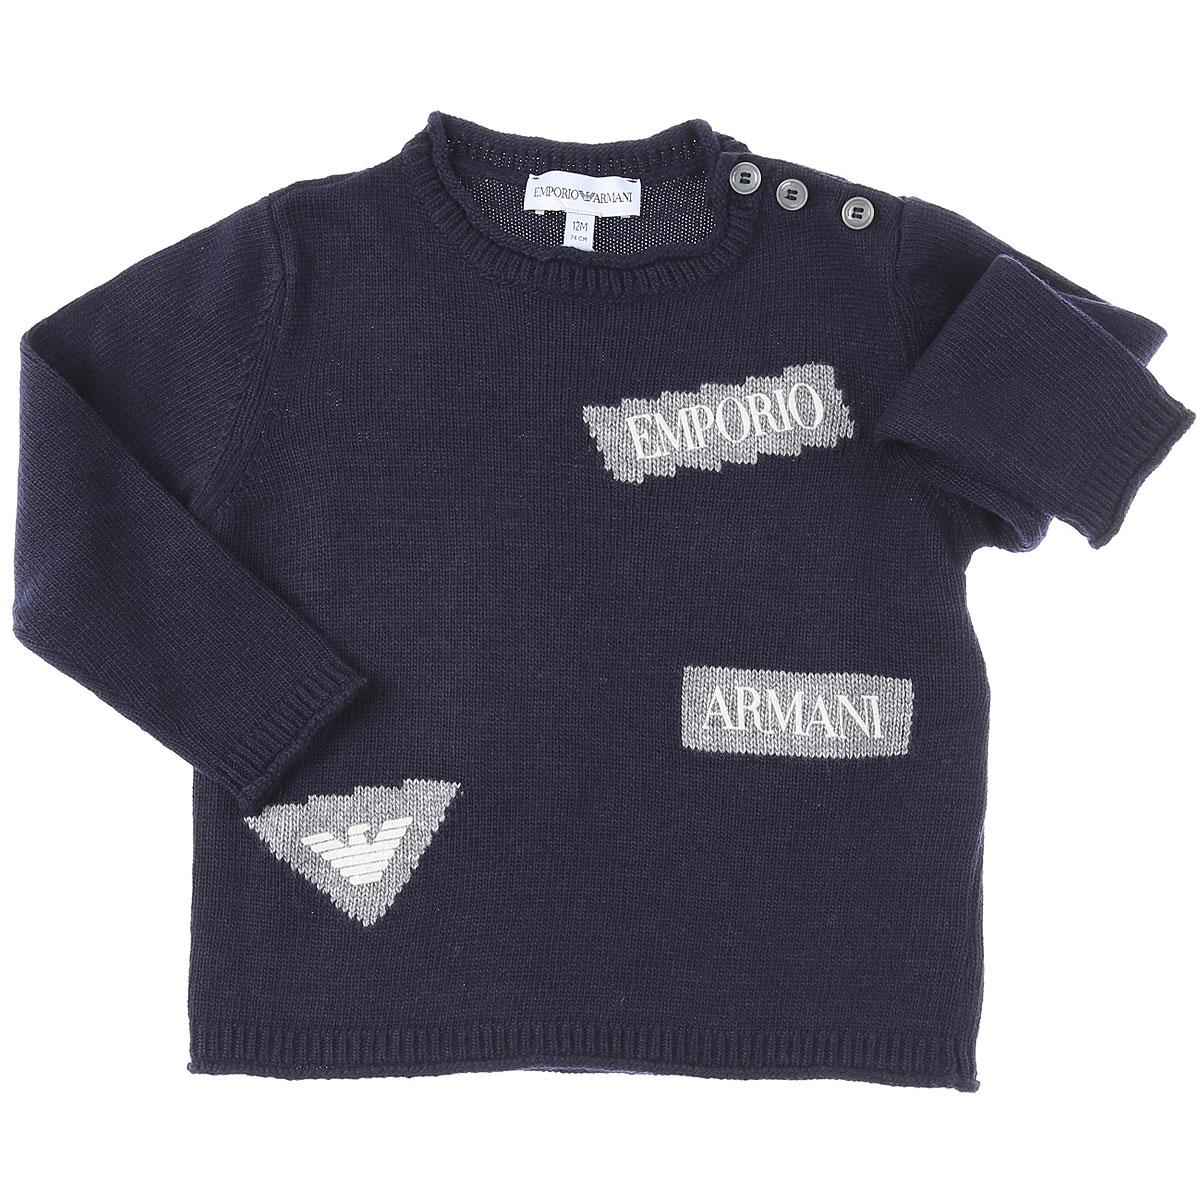 Emporio Armani Baby Sweaters for Boys On Sale, Blue Navy, Viscose, 2019, 12 M 2Y 3Y 9M